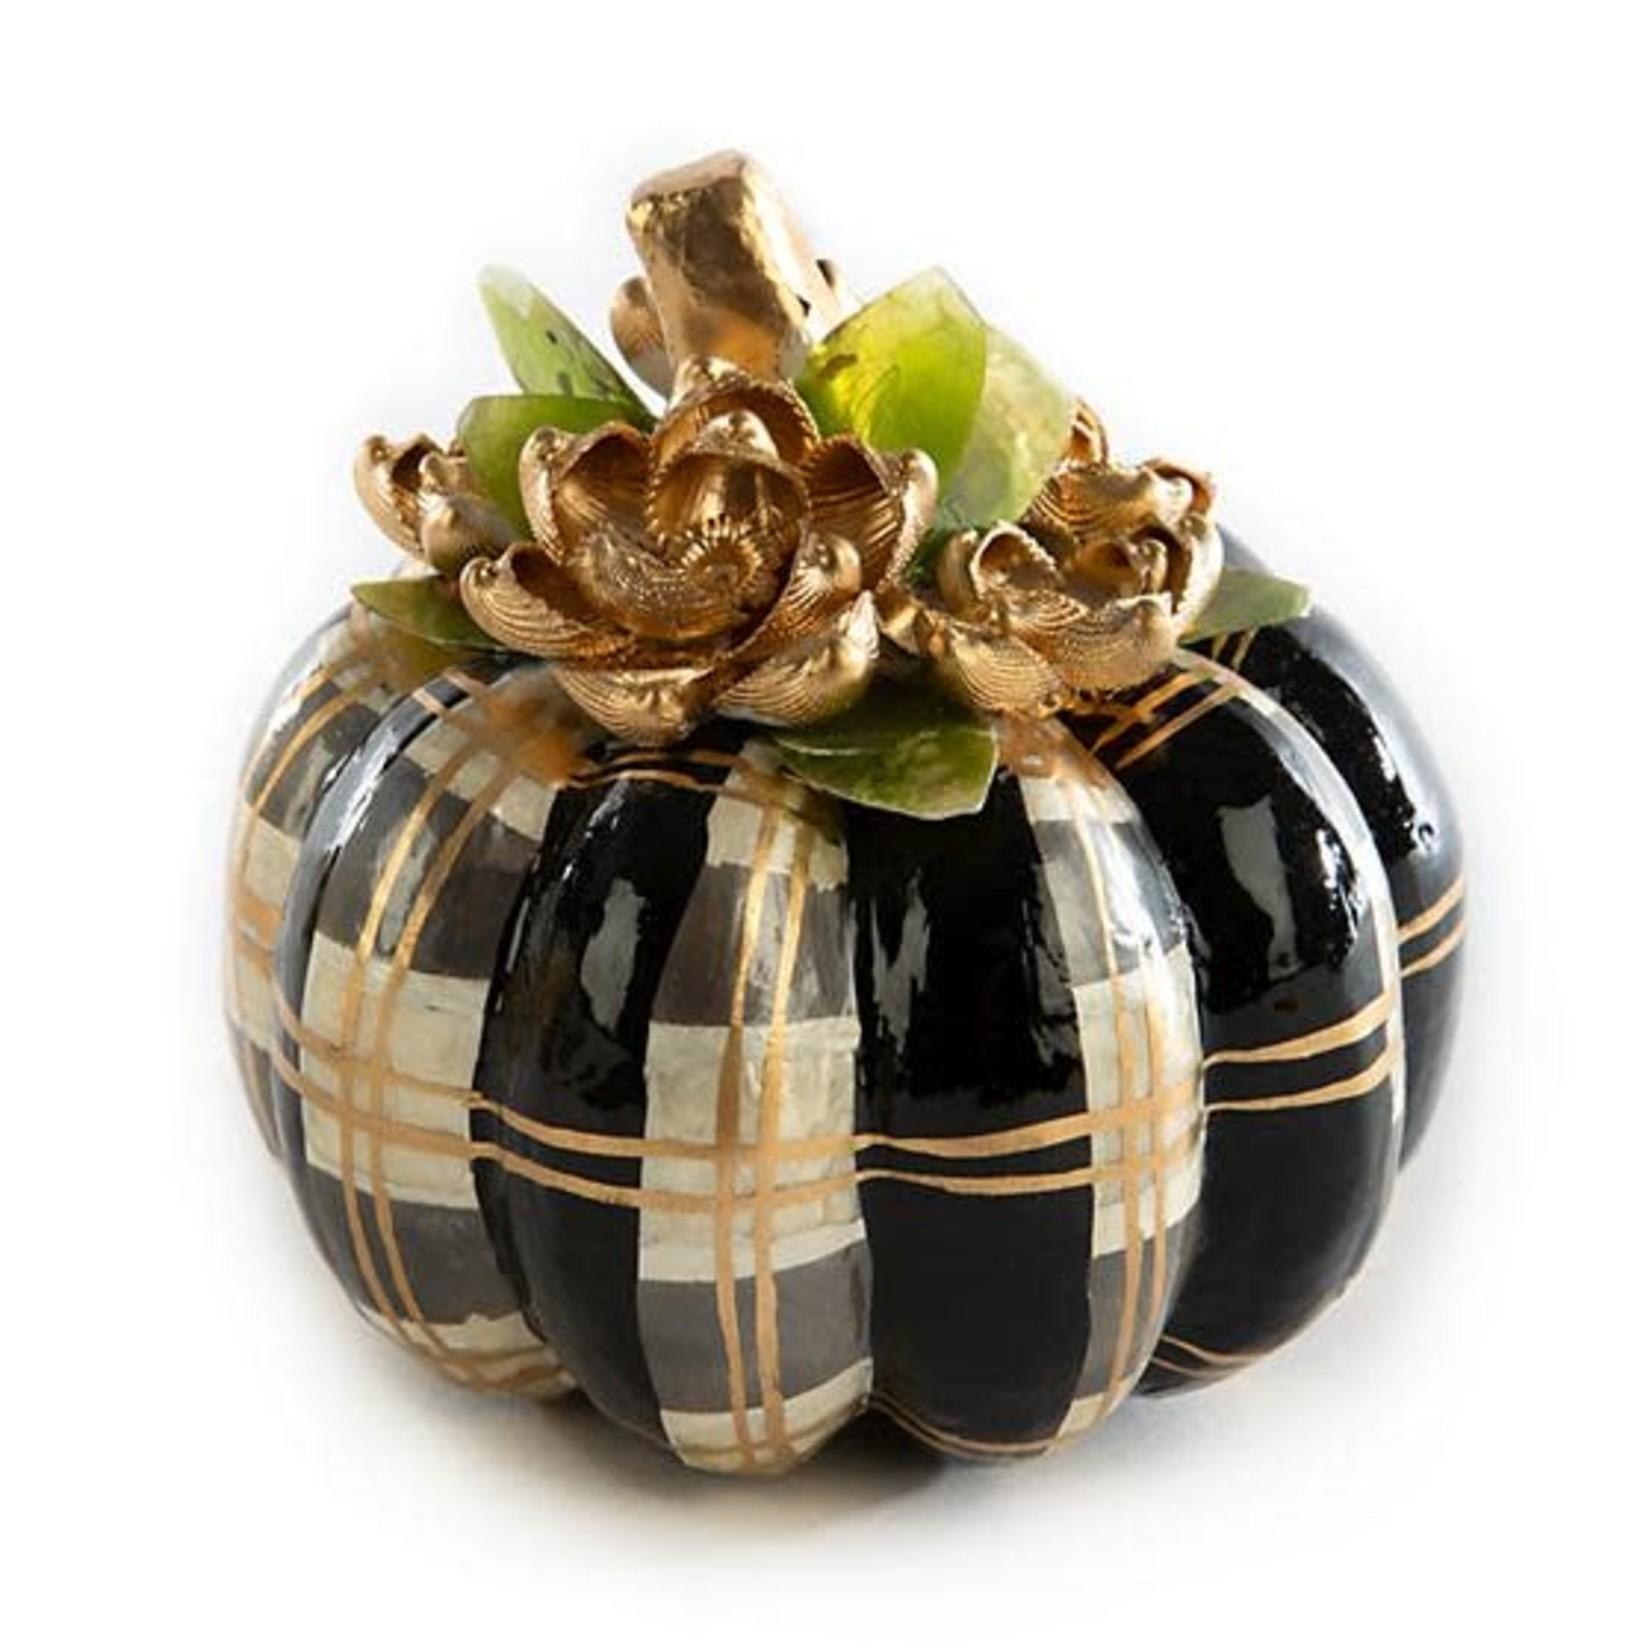 MacKenzie Childs Autumn Spice Capiz Pumpkin